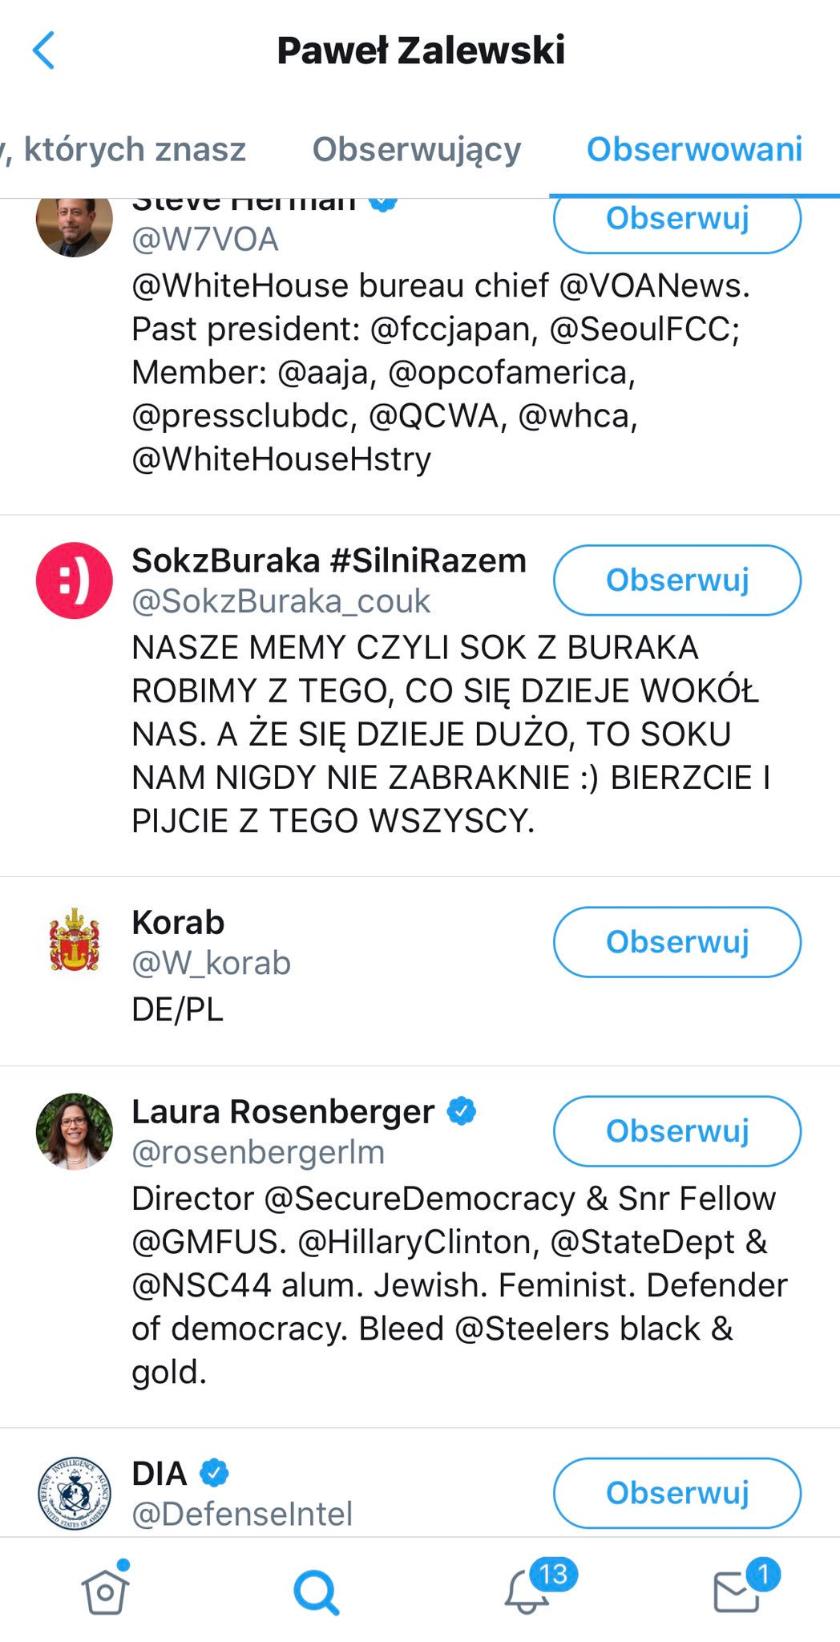 Sok z Buraka Twitter